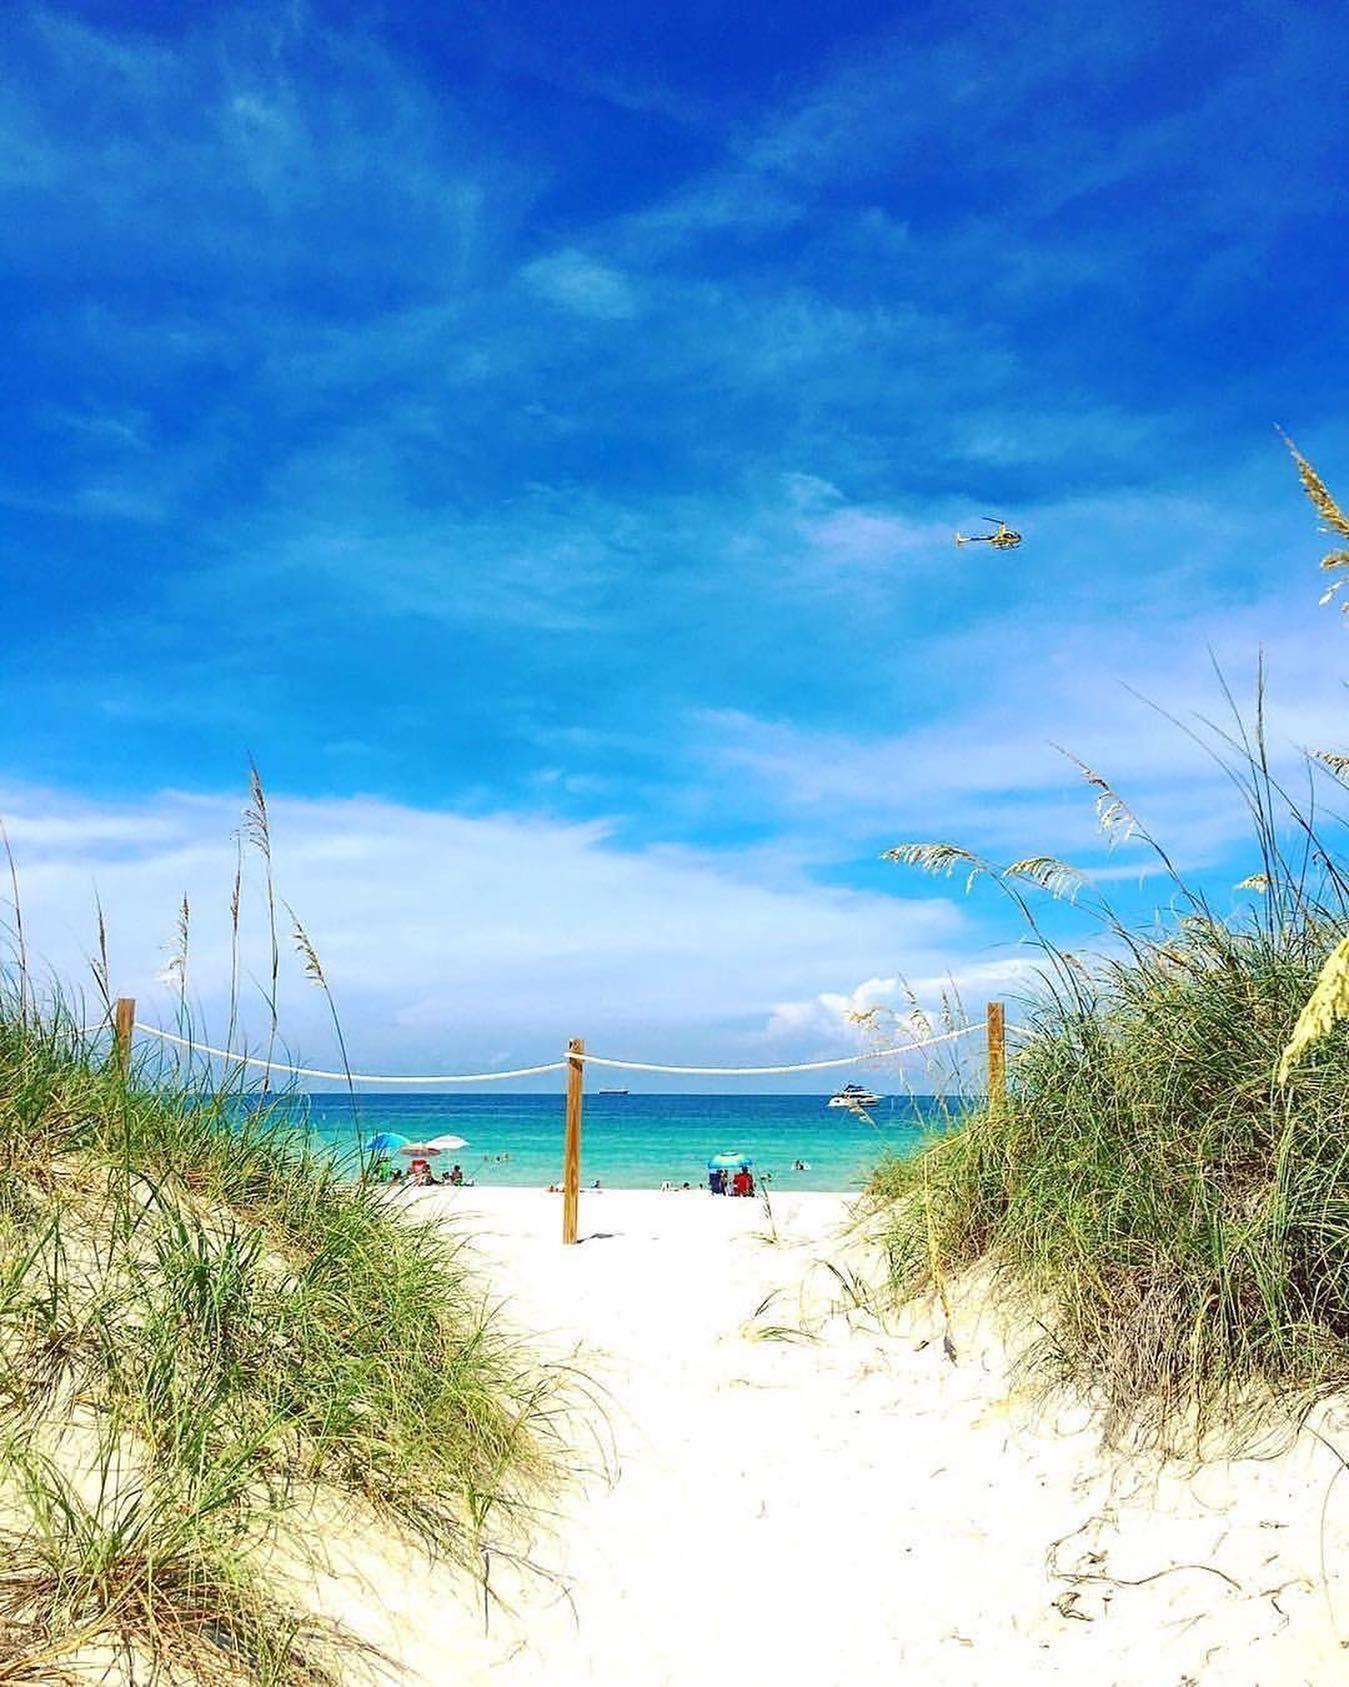 Life is better on Miami Beach   @joanshomesmiami #miamiliving #miamibeach